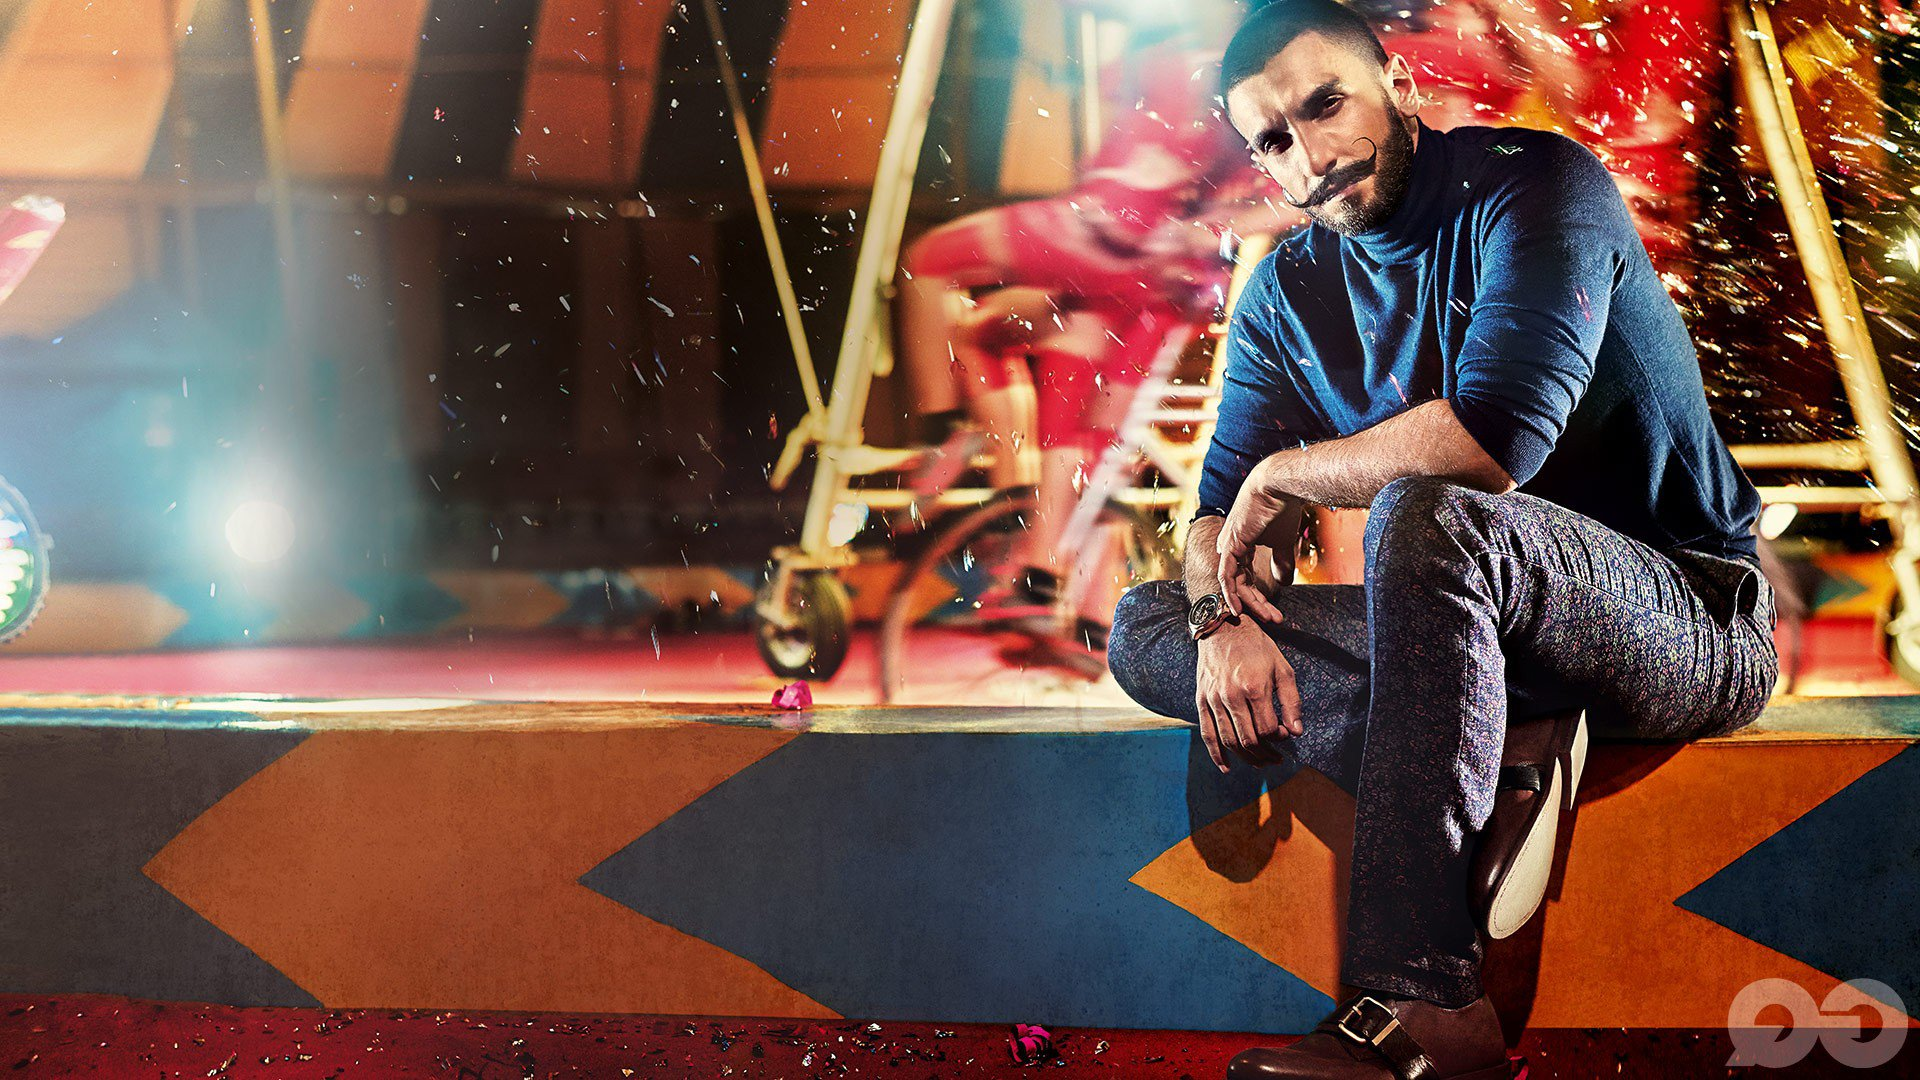 Ranveer singh hd indian celebrities 4k wallpapers - Ranveer singh hd wallpaper padmavati ...